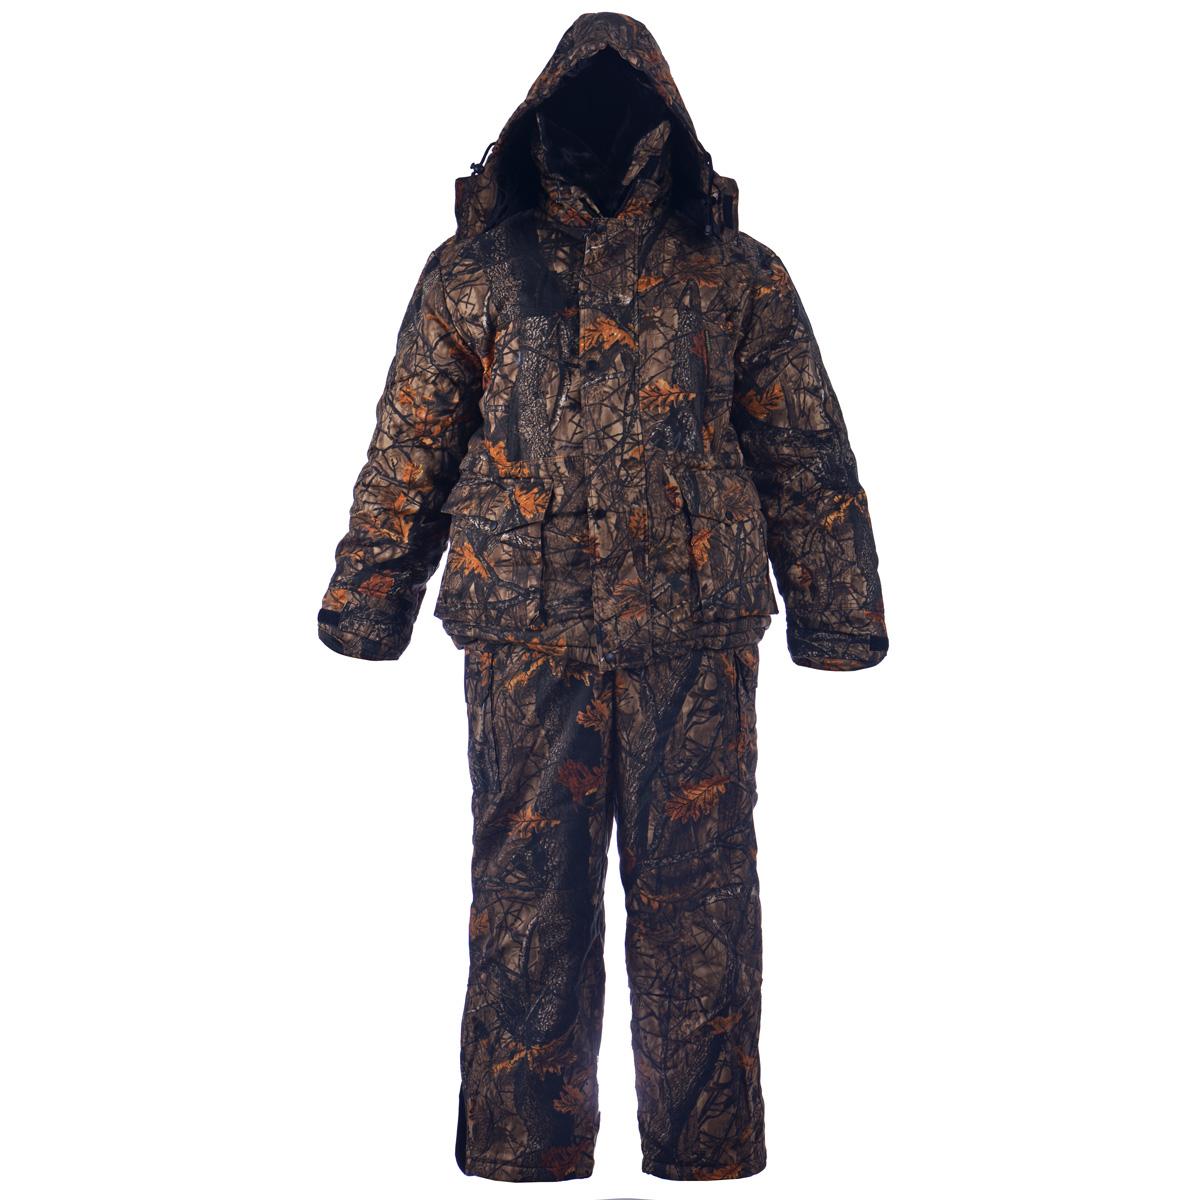 Комплект мужской Huntsman Буран-М: куртка, полукомбинезон, цвет: темный лес. Размер 56/58